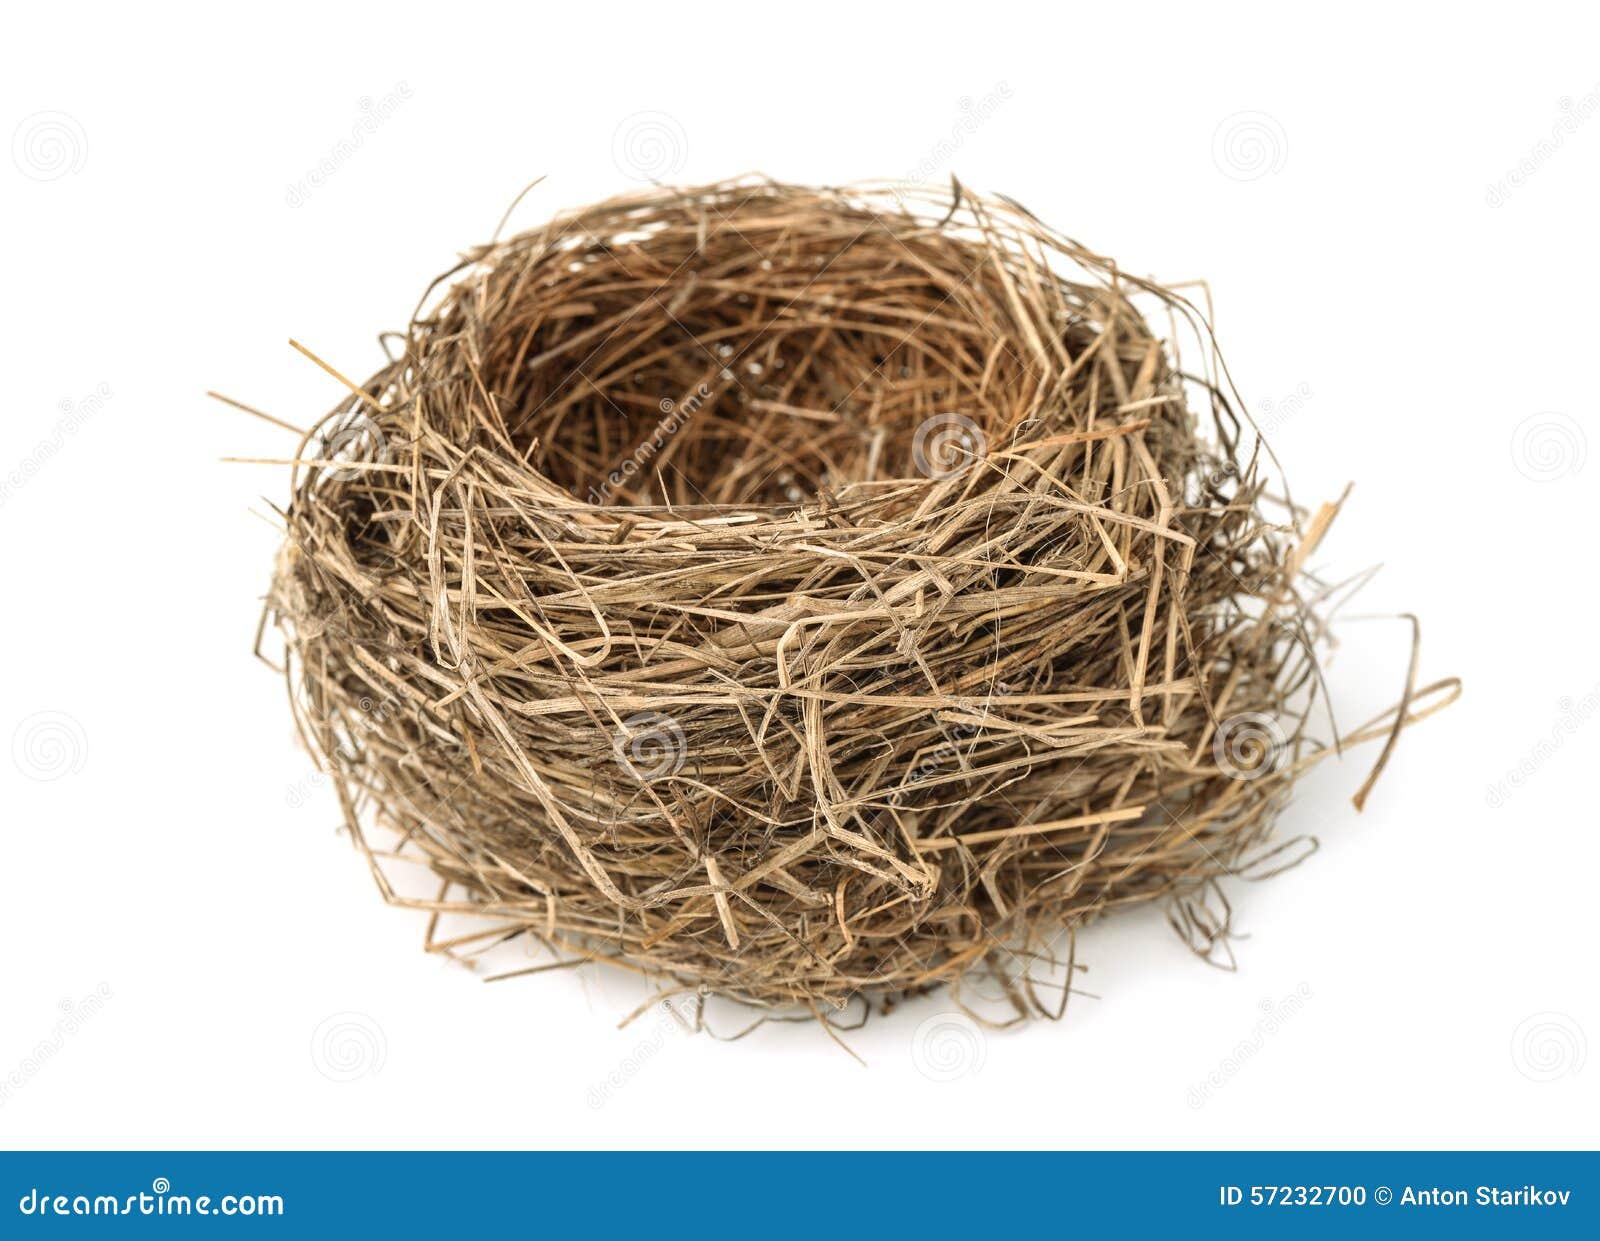 vogel nest stockfoto bild von abschlu geb ude leben 57232700. Black Bedroom Furniture Sets. Home Design Ideas